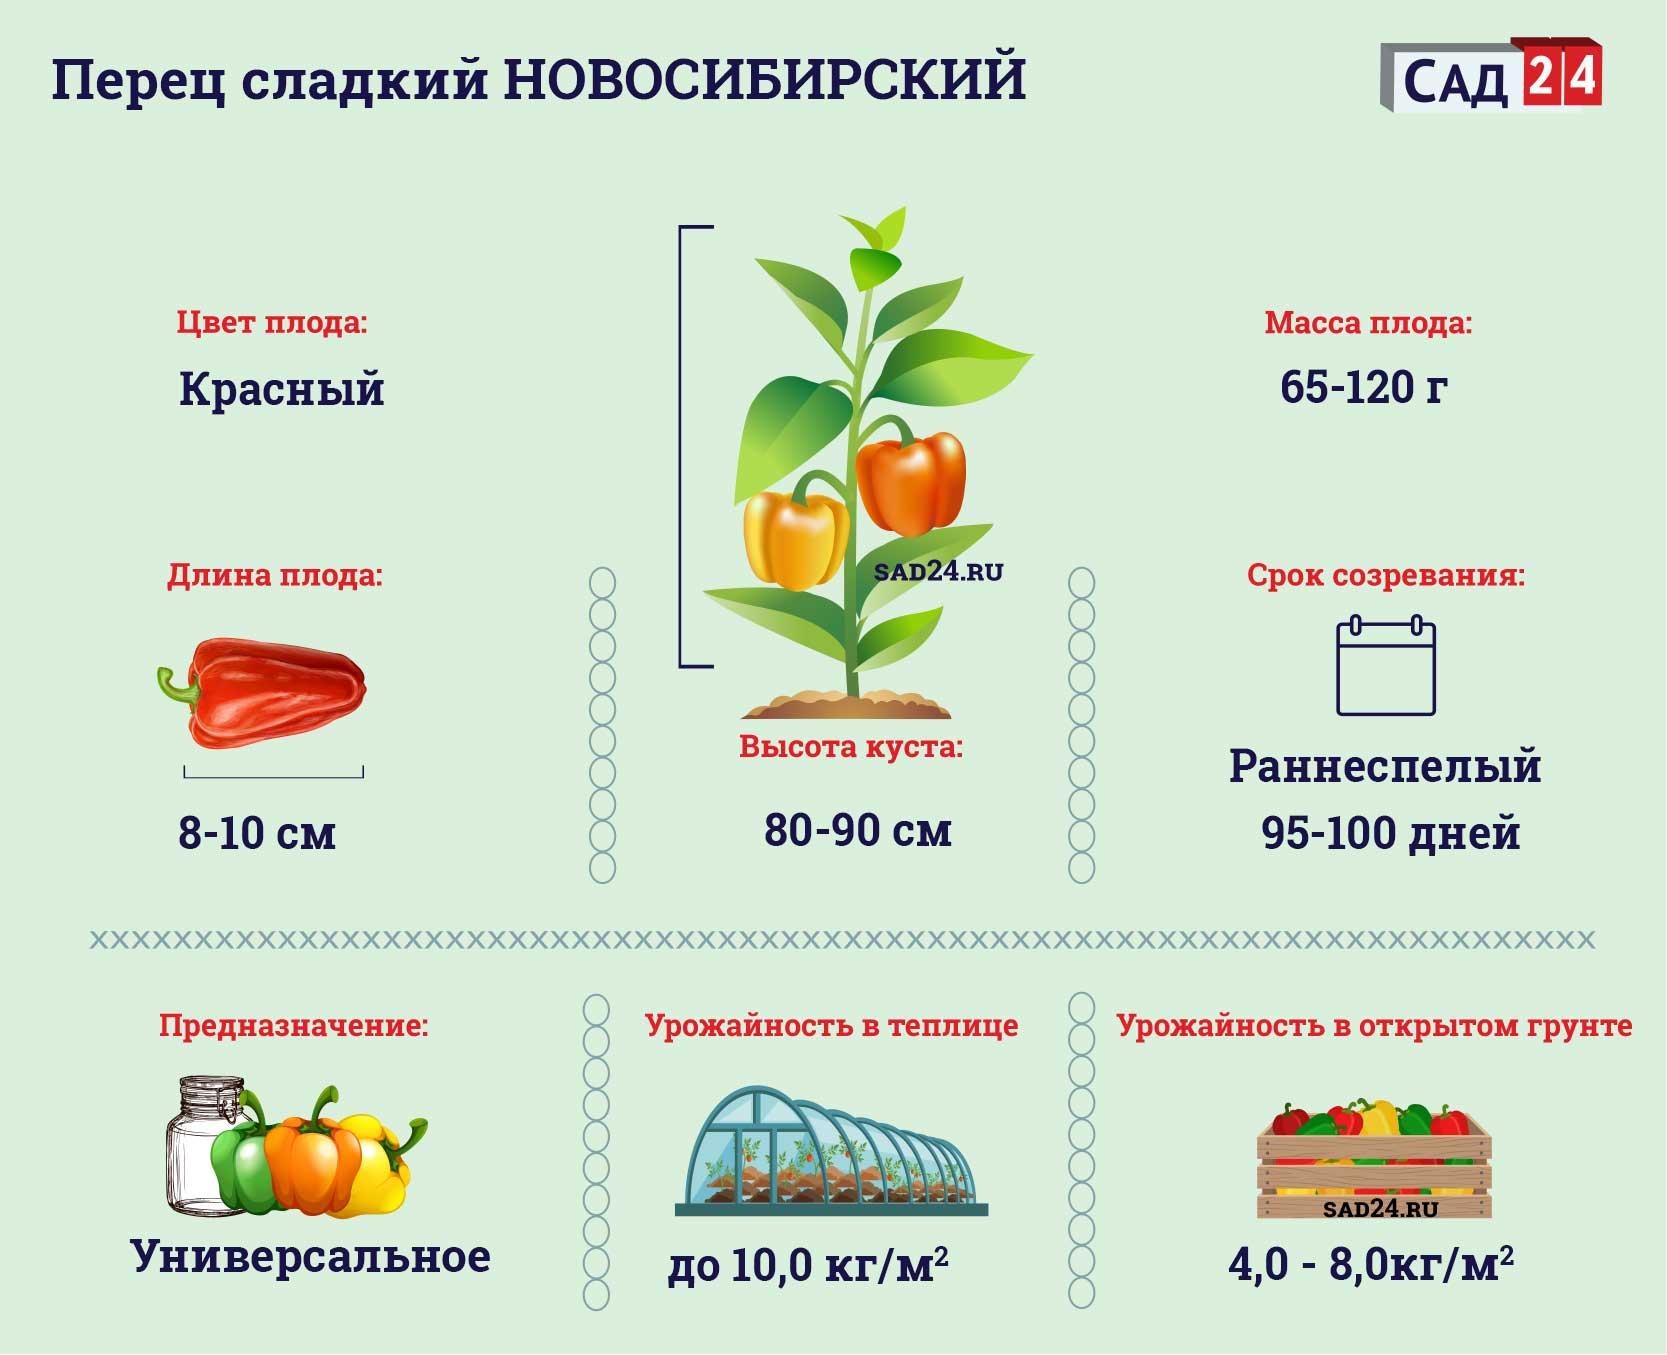 Новосибирский - https://sad24.ru